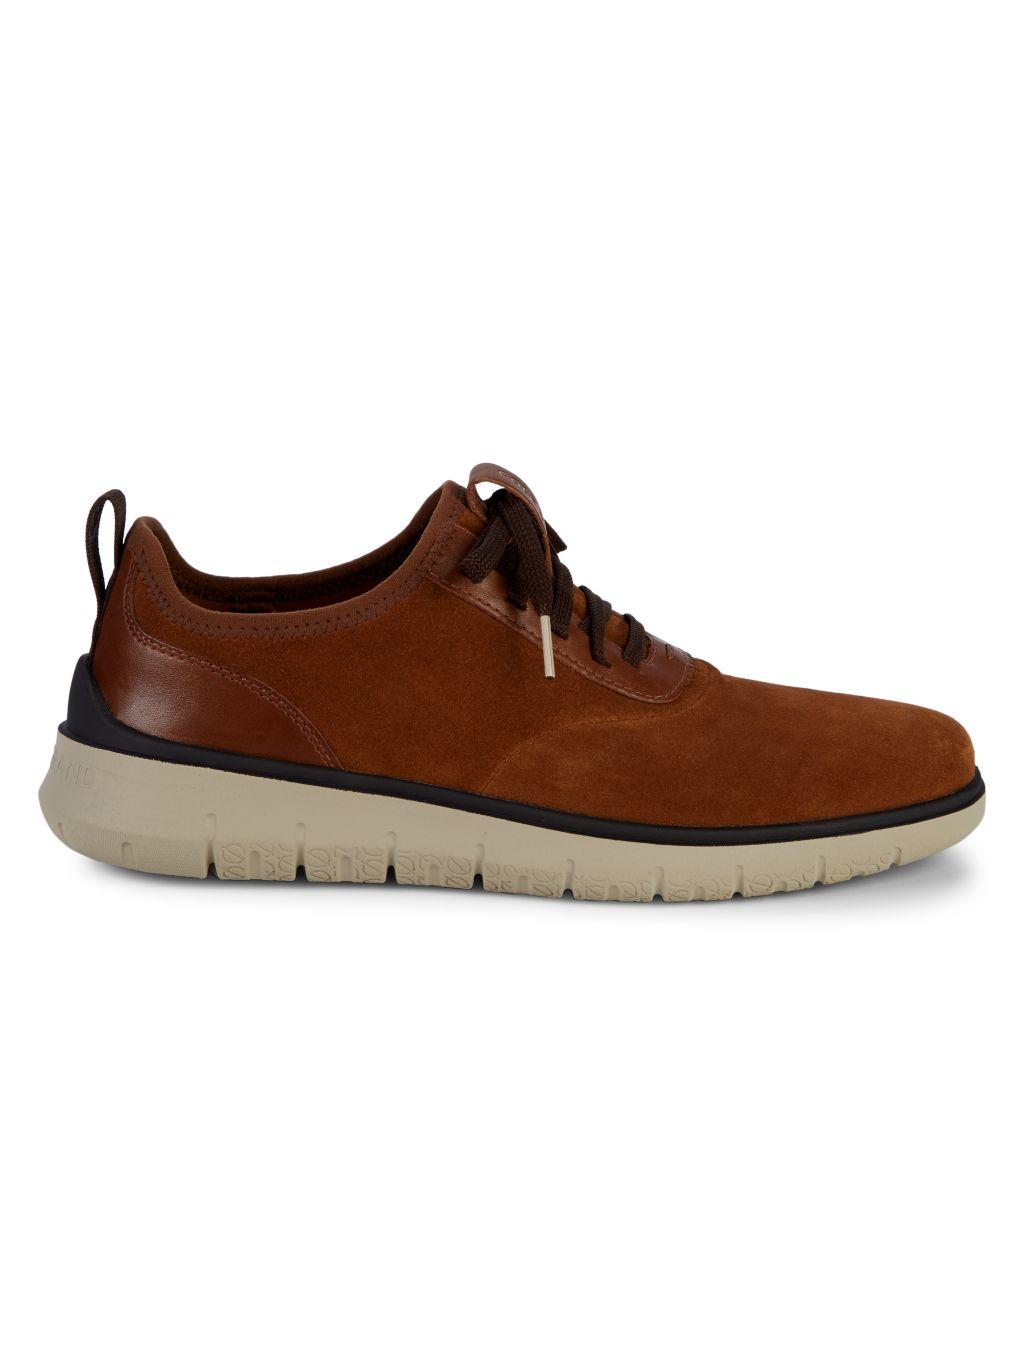 Cole Haan Generation Zero Grand Suede Sneakers